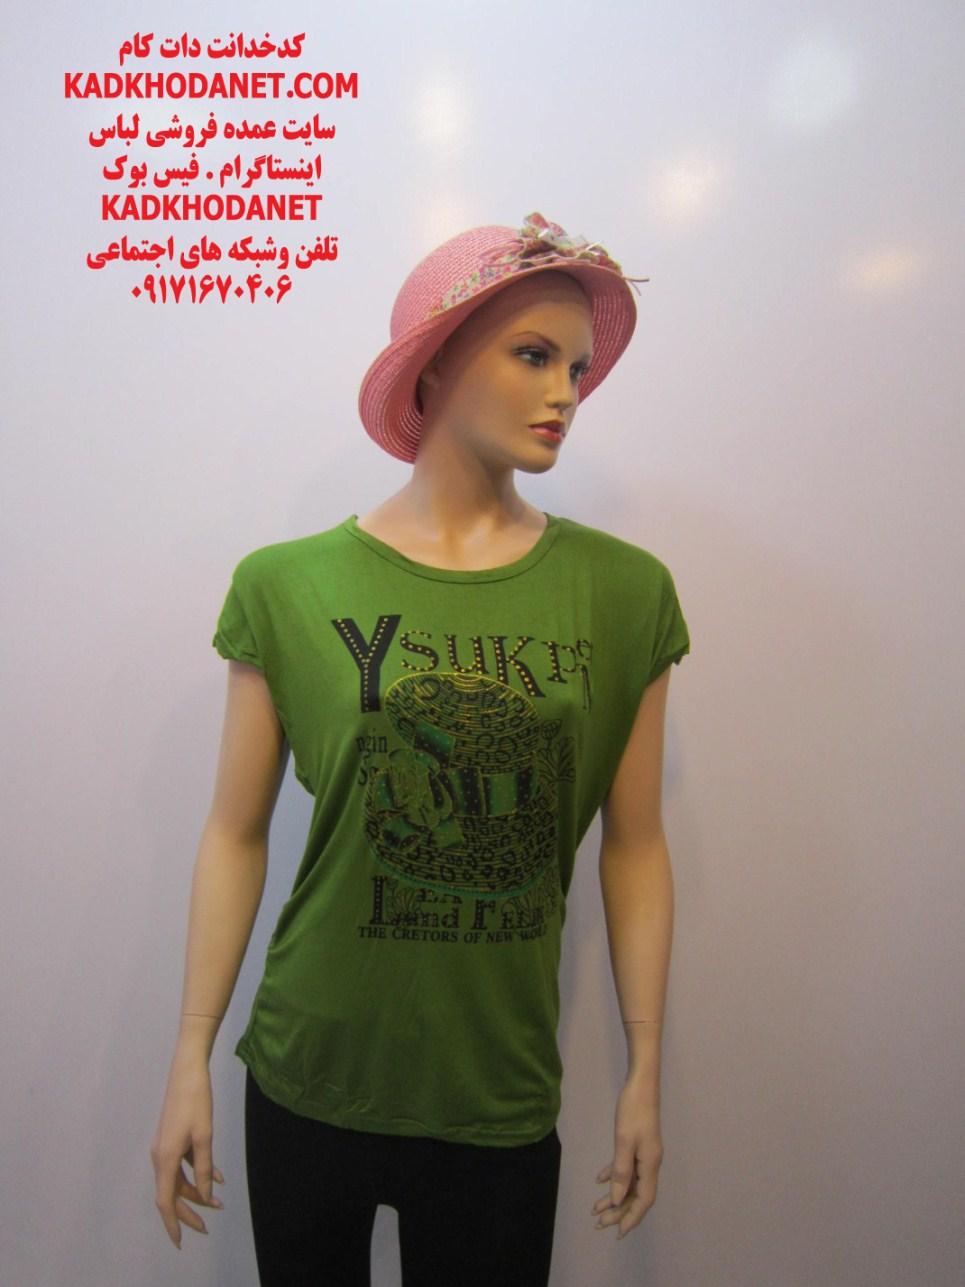 فروش اینترنتی لباس زنانه (1)